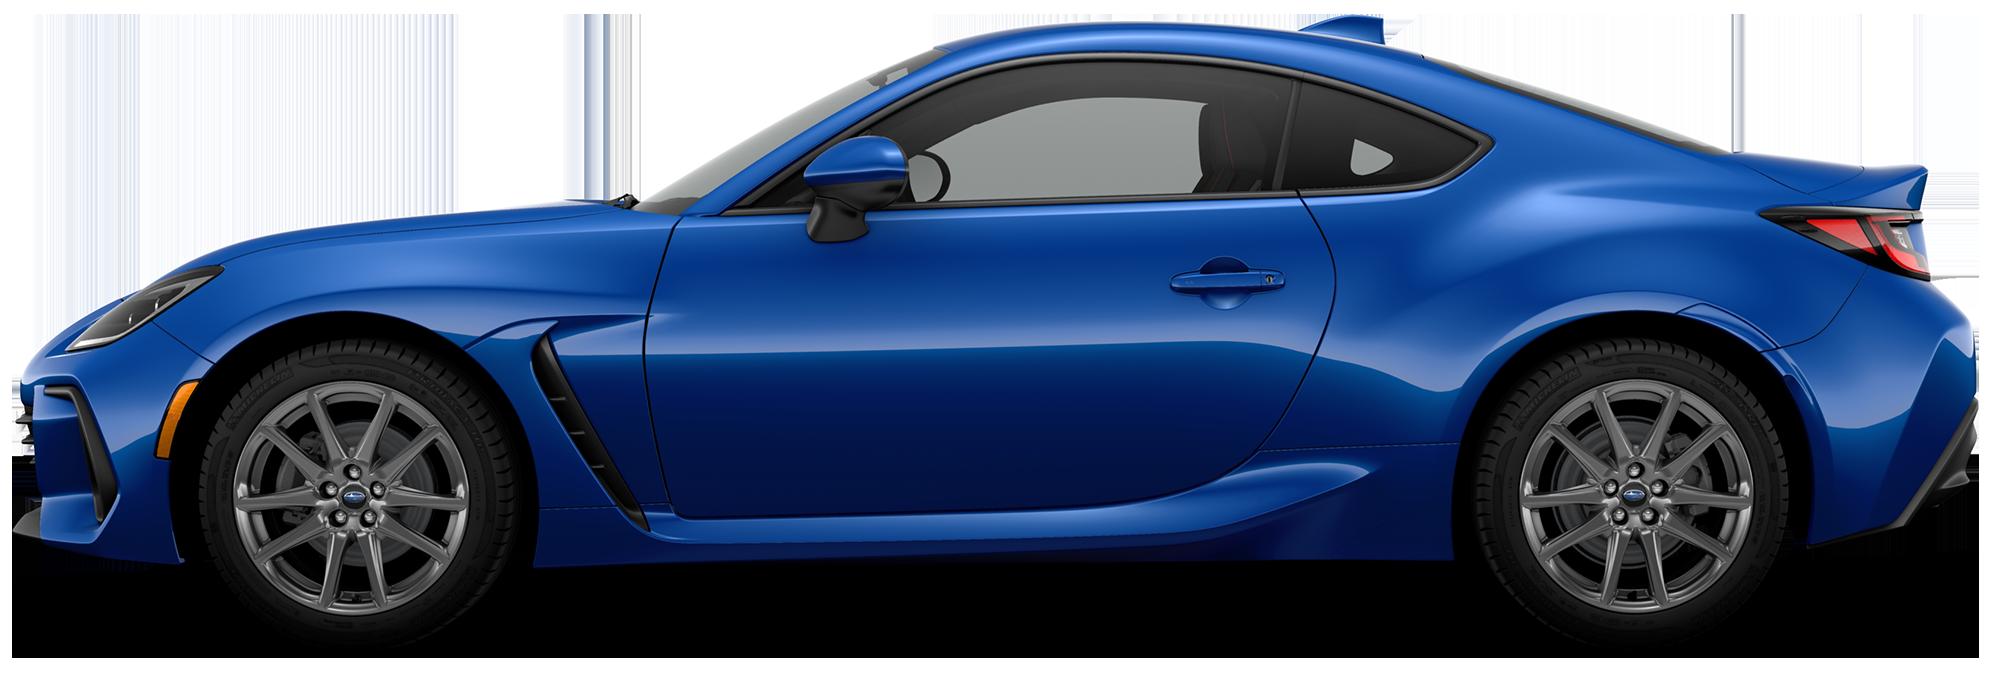 2022 Subaru BRZ Coupe Premium